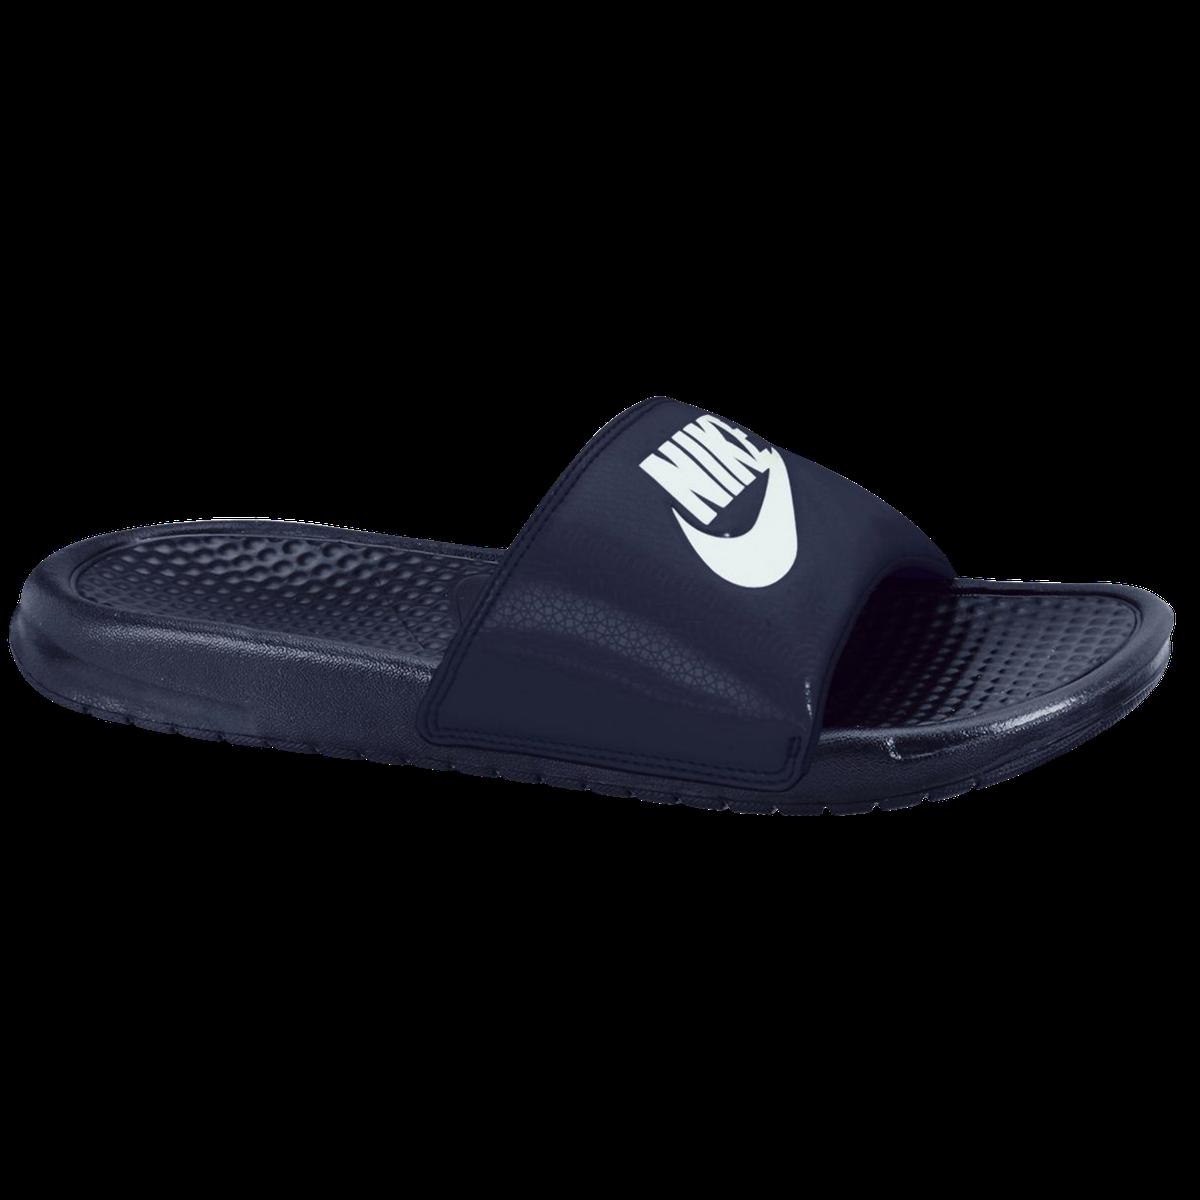 sale retailer 309c2 be098 Nike Benassi Just Do It Sandal, tofflor herr - Mörk blå - Sandaler och  Flip-Flops Herr   XXL